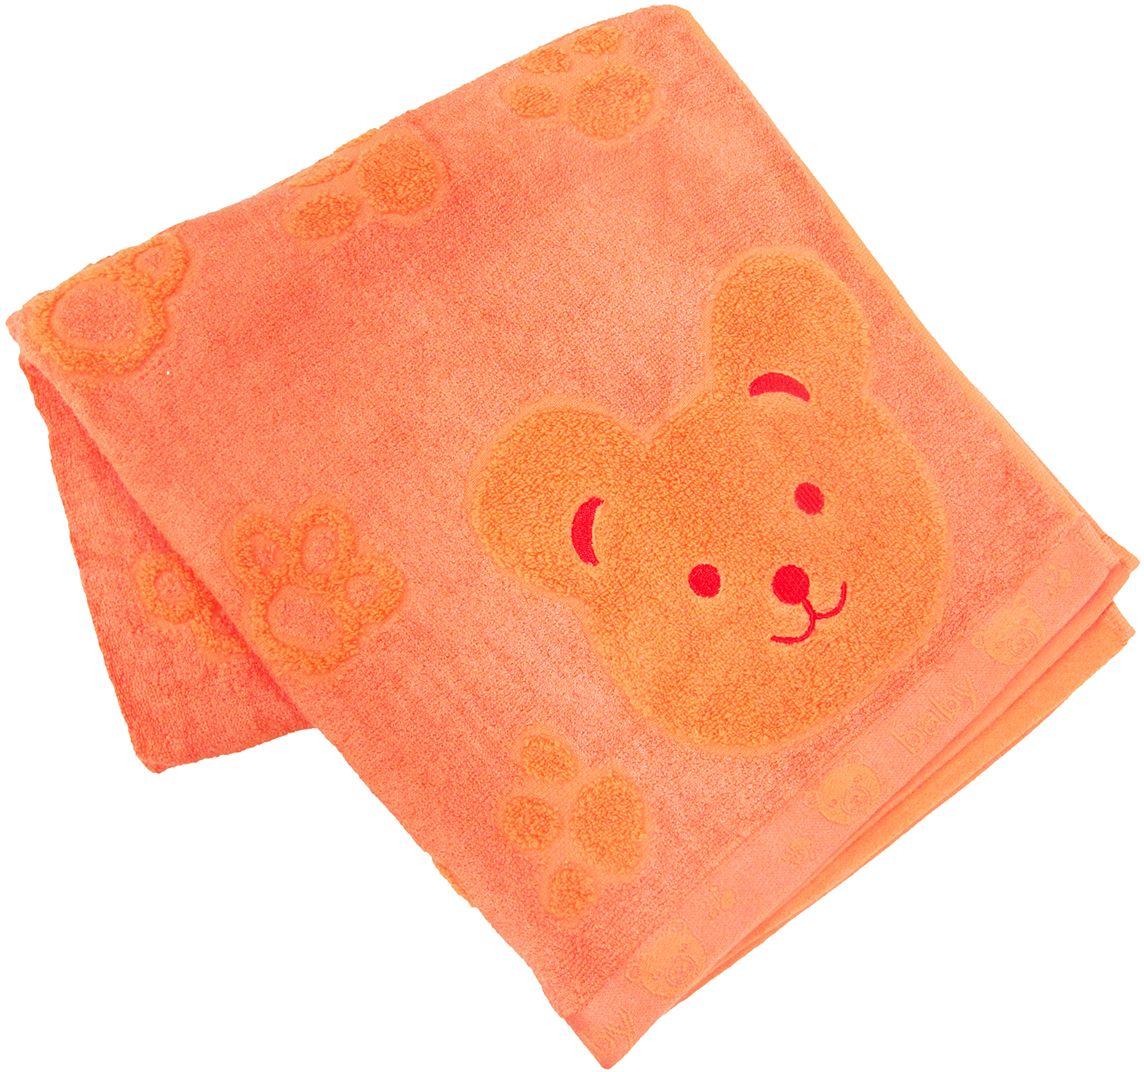 Полотенце махровое Bravo Счастливый медведь, цвет: оранжевый, 60 х 120 см531-105Полотенце Счастливый медведь выполнено из натуральной махровой ткани (хлопок, бамбук). Изделие отлично впитывает влагу, быстро сохнет, сохраняет яркость цвета и не теряет форму даже после многократных стирок. Полотенце очень практично и неприхотливо в уходе. Оно создаст прекрасное настроение и украсит интерьер в ванной комнате.